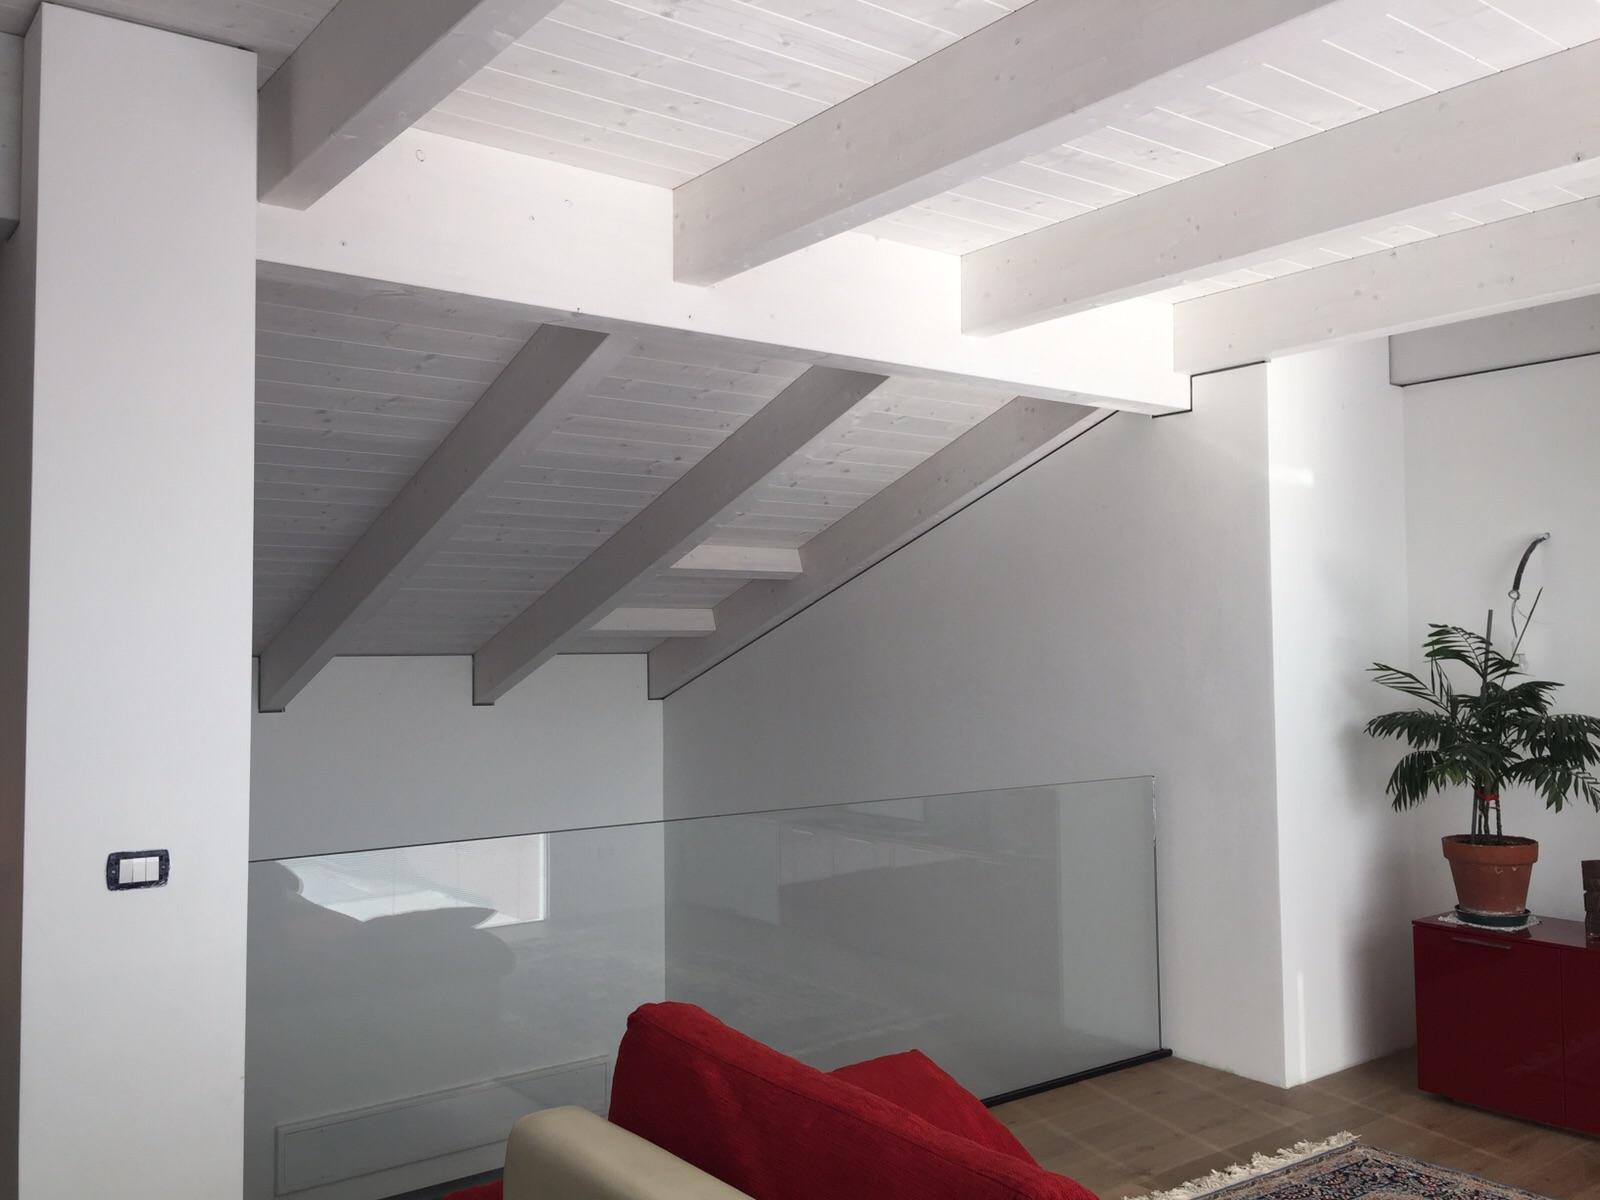 Tetto in legno sbiancato um59 regardsdefemmes - Legno sbiancato tetto ...